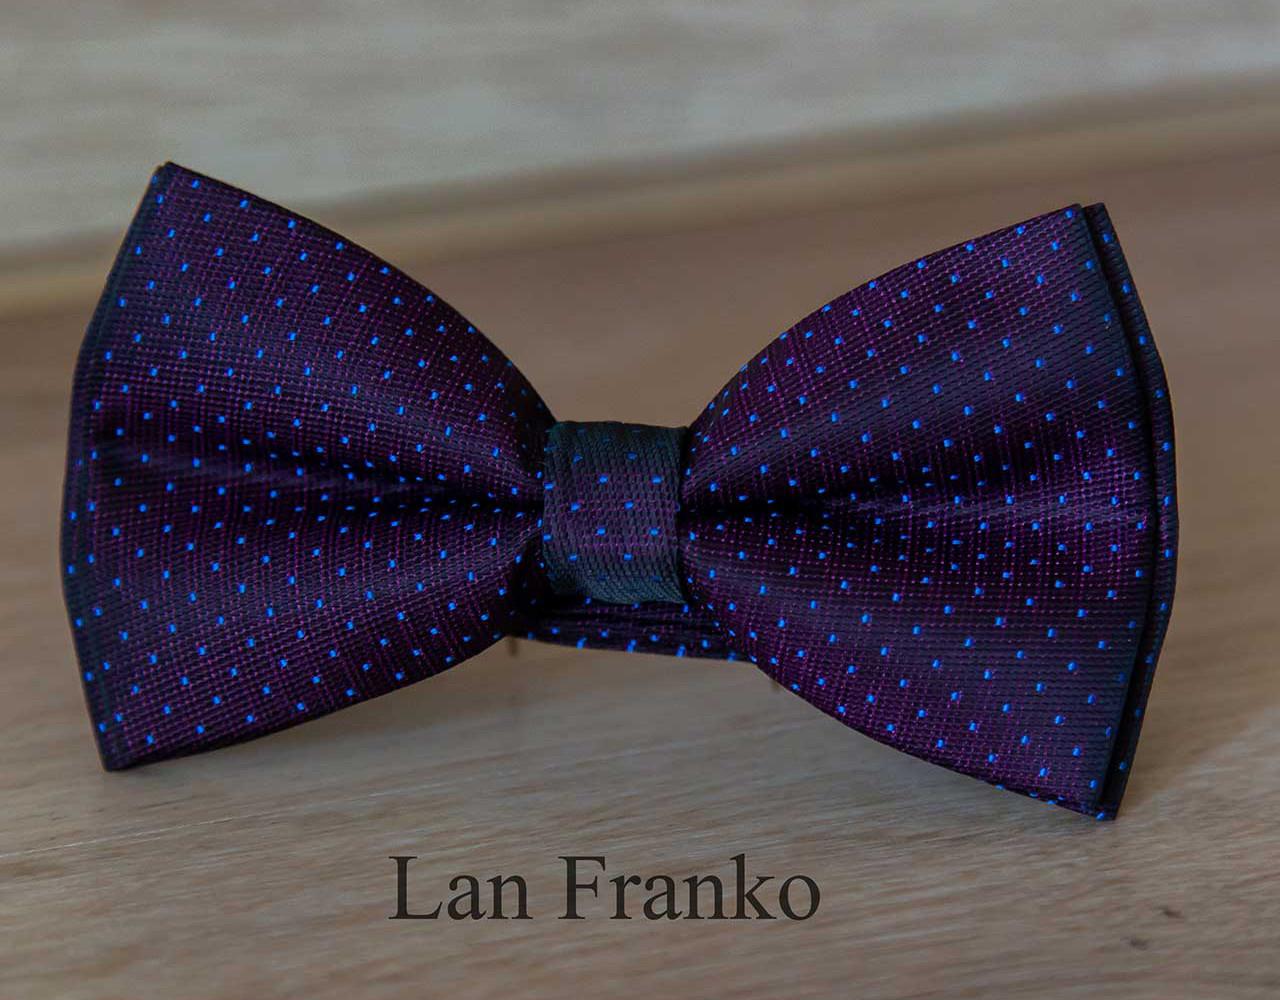 Бабочка мужская с рисунком | LAN FRANKO (Арт.: BVR0302)